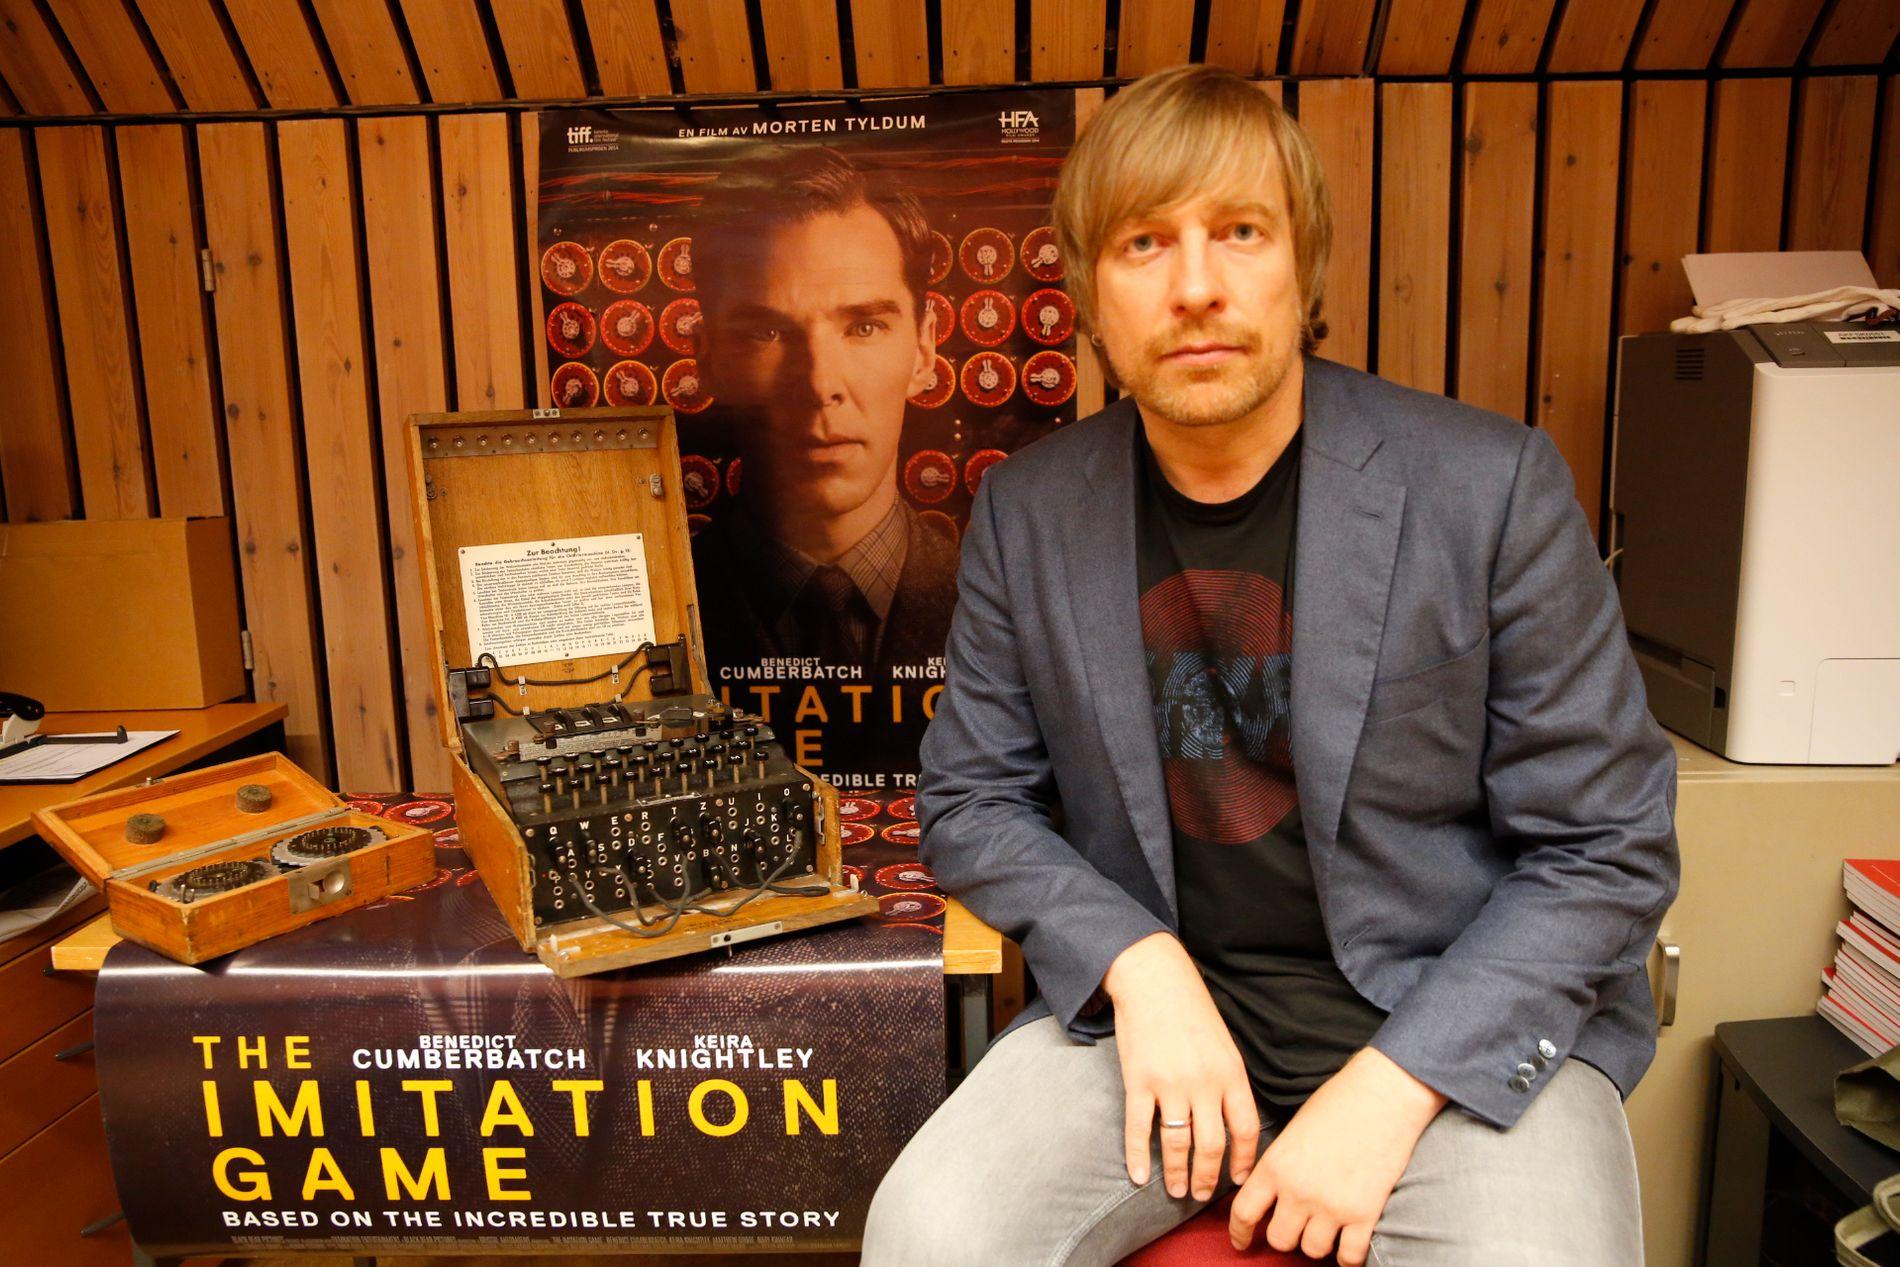 VIKINGSERIE: Morten Tyldum er klar for en ny stor oppgave i samarbeid med Paramount Pictures.